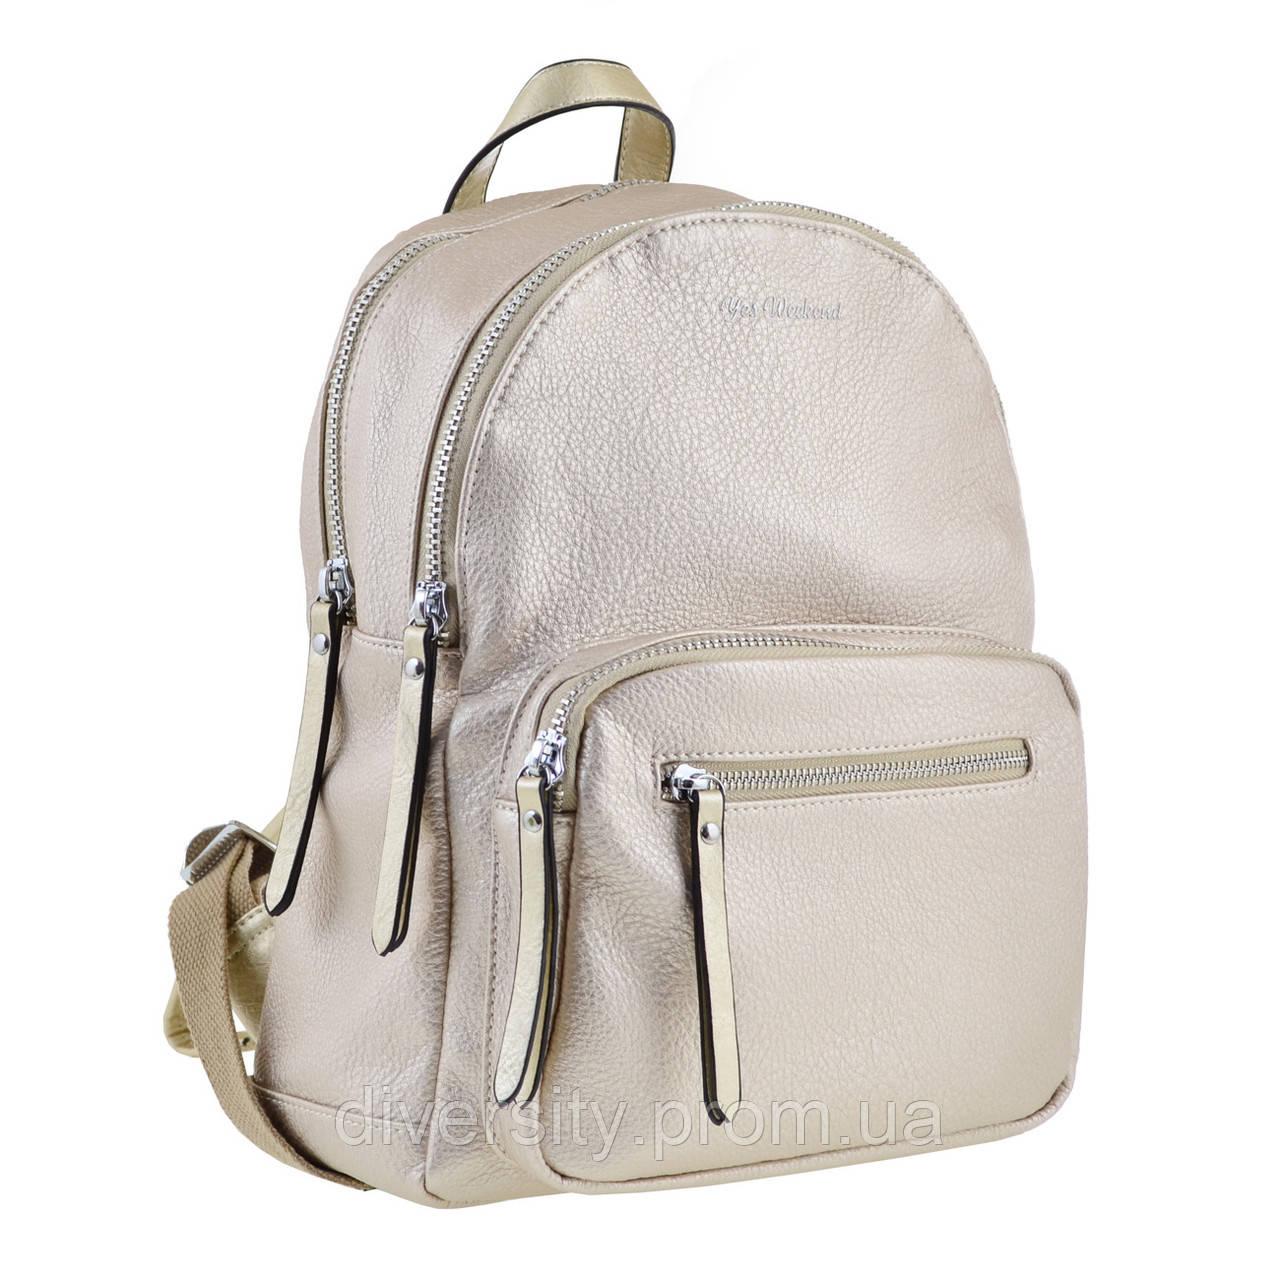 Женский рюкзак YES YW-43 «Jasmine» золотой